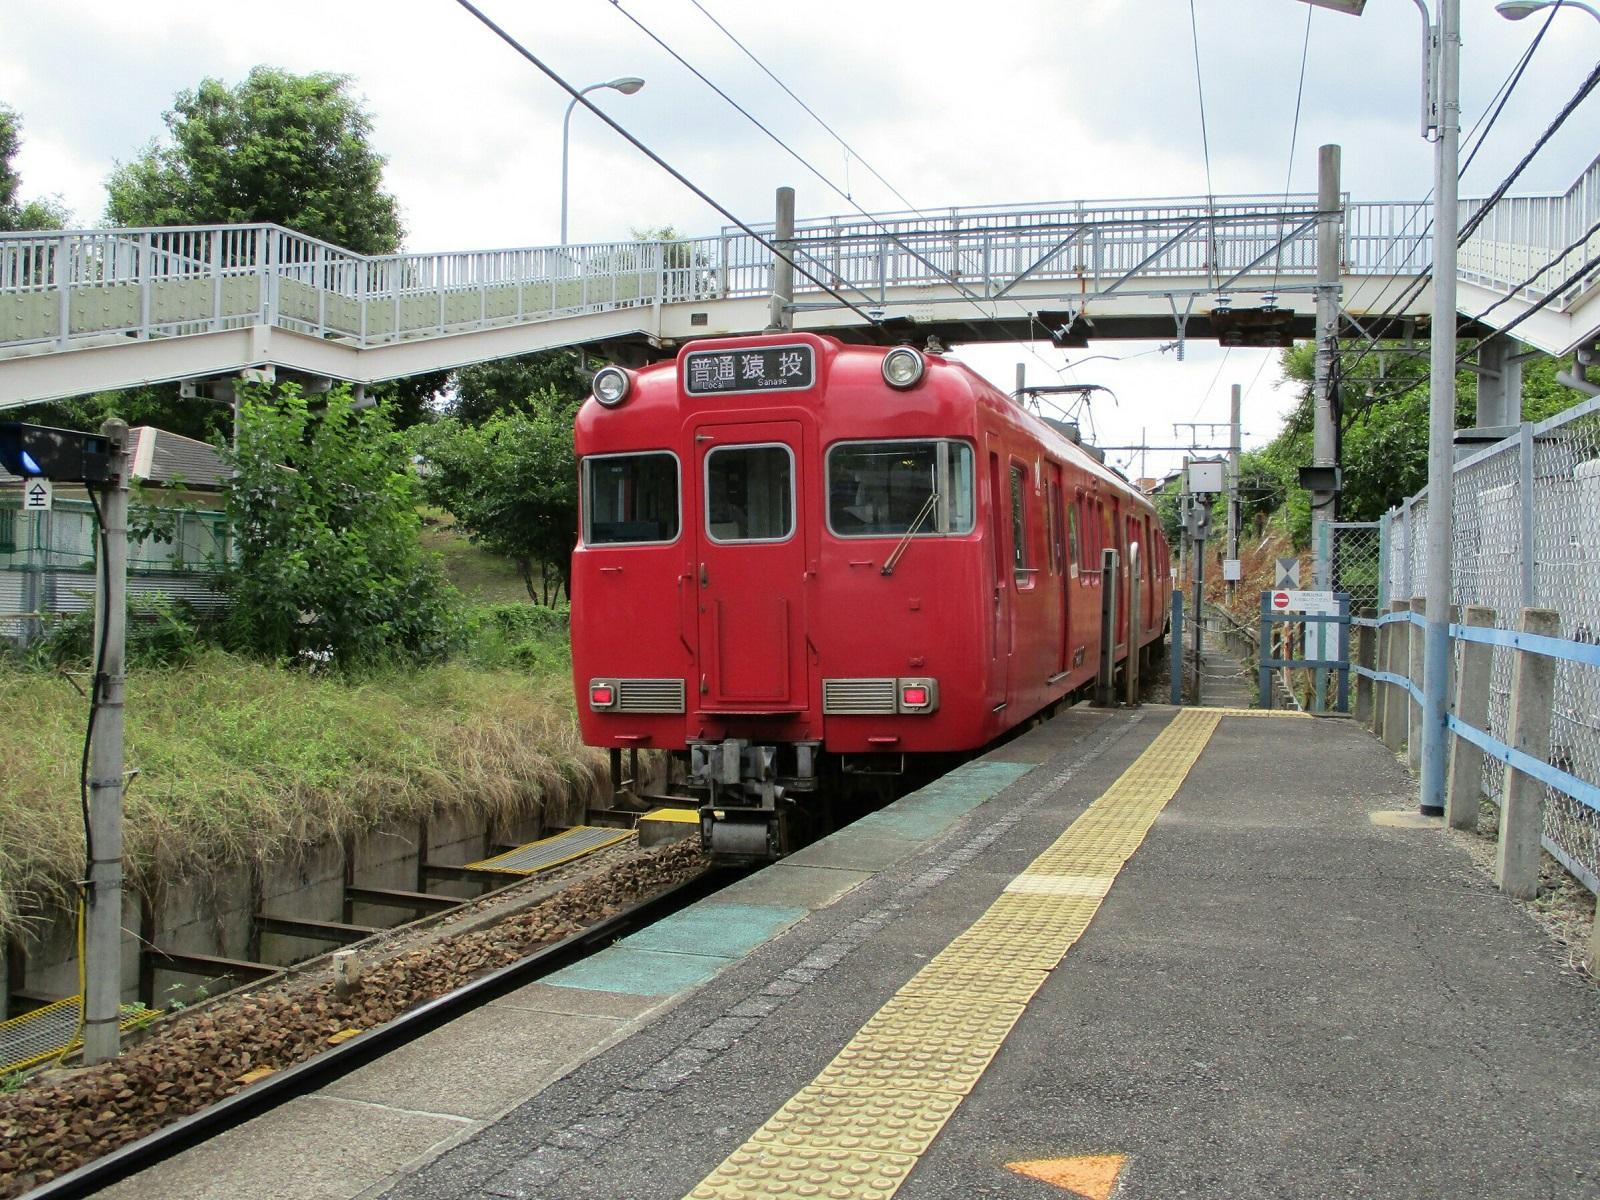 2018.6.14 豊田 (46) 平戸橋 - 猿投いきふつう 1600-1200